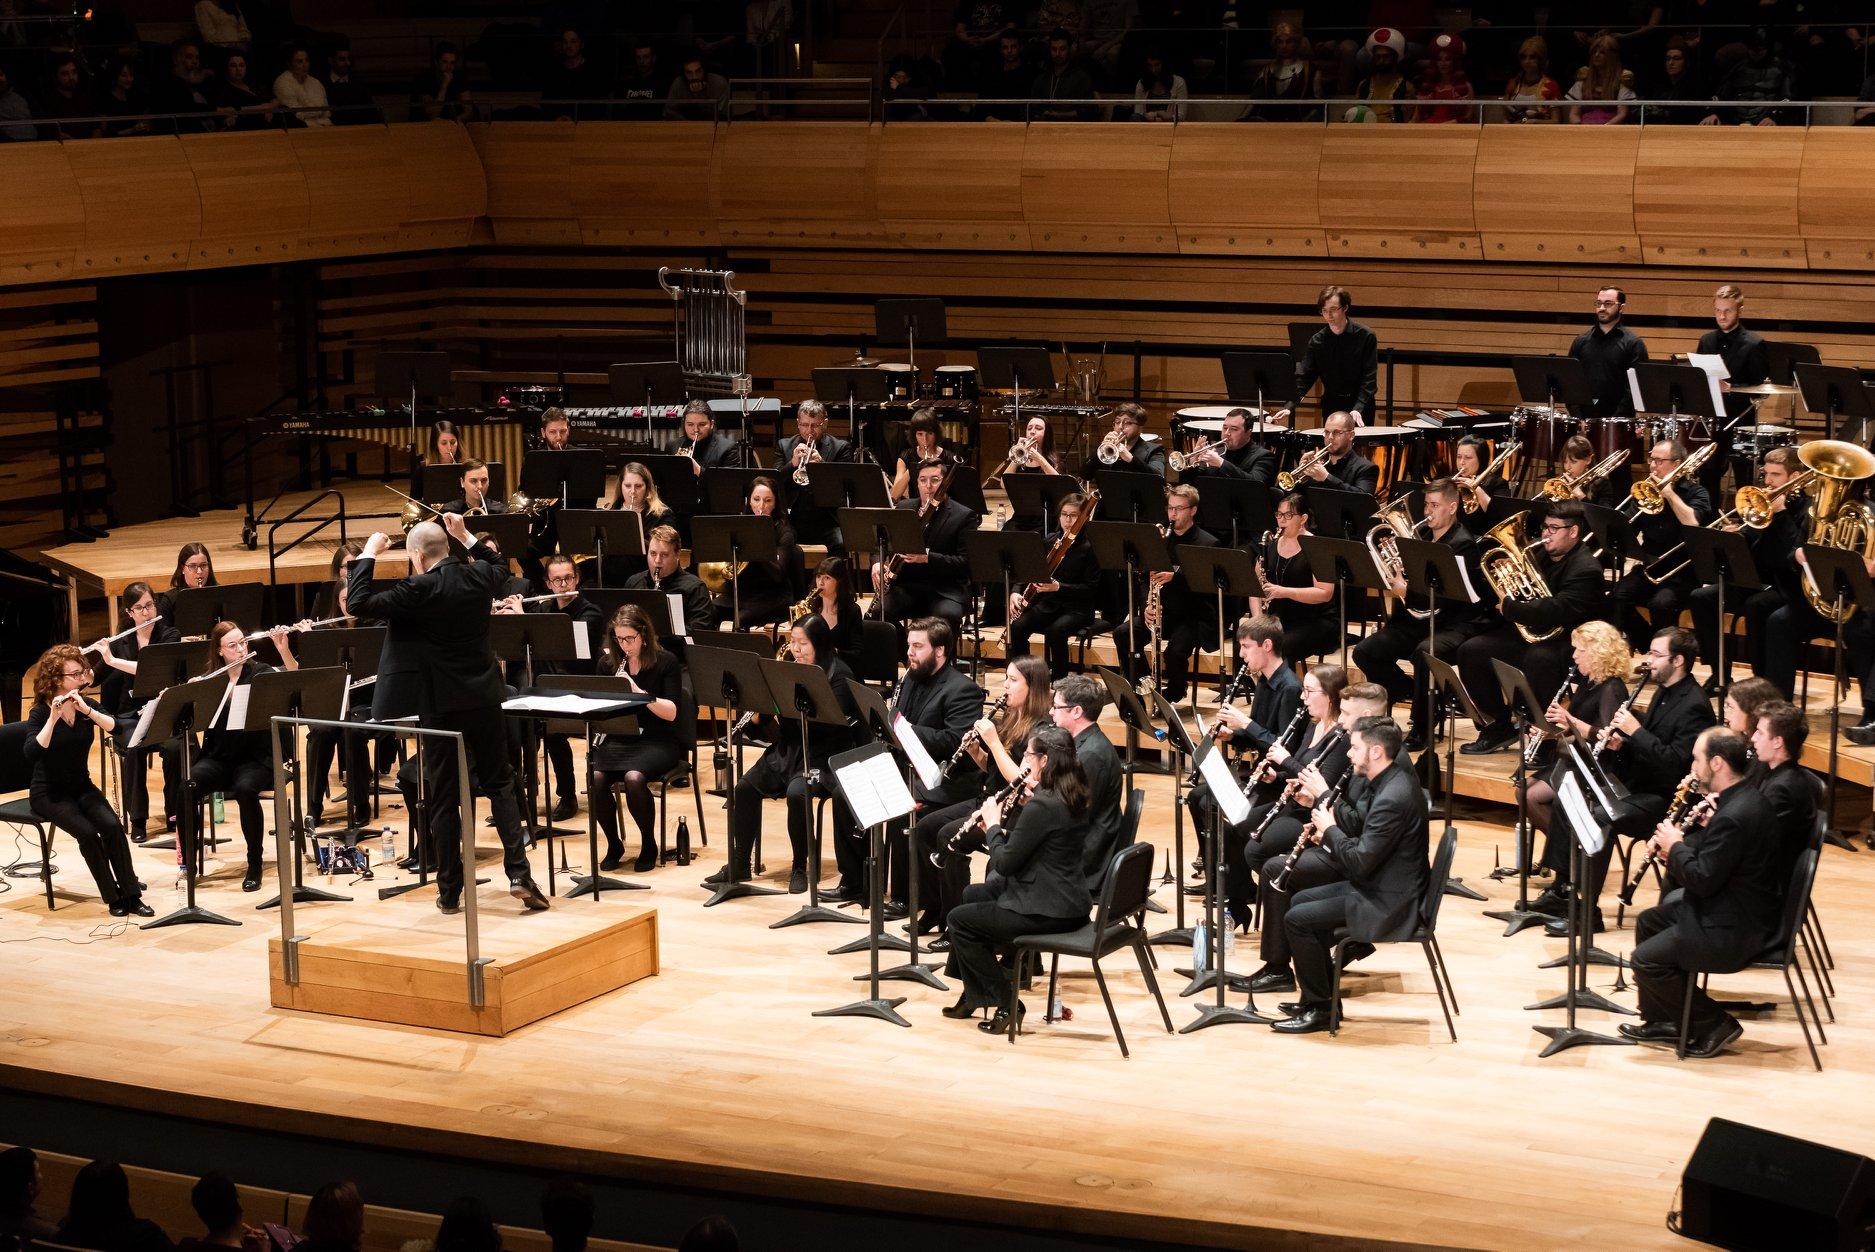 L'OJV promet un concert riche en couleurs qui inclura des pièces provenant des plus grands titres du genre